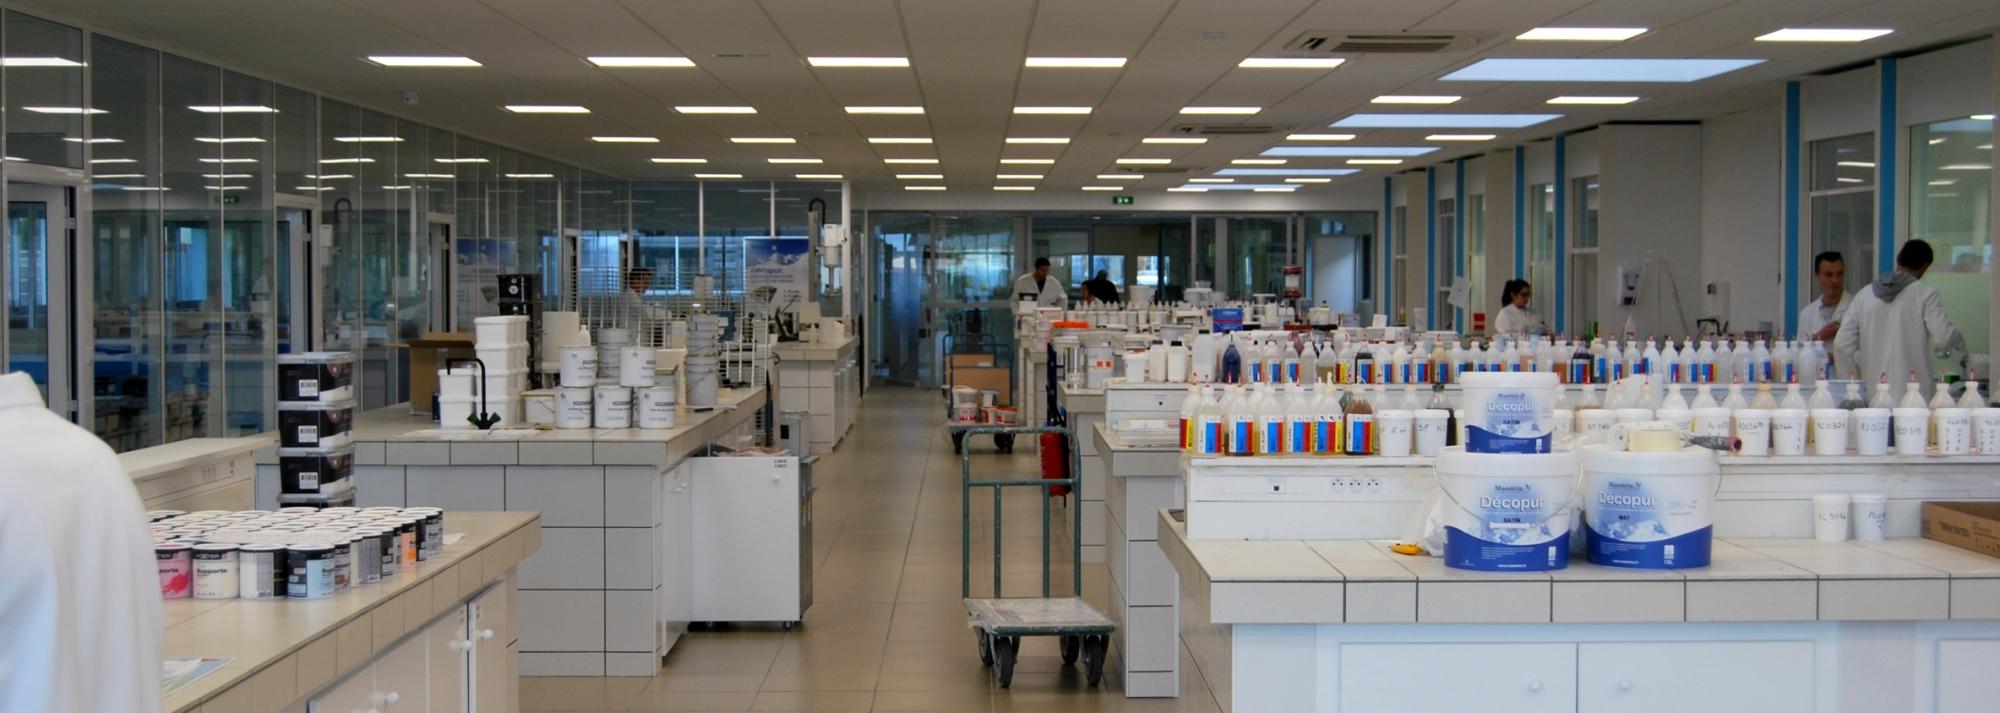 Laboratoire R&D de Maestria